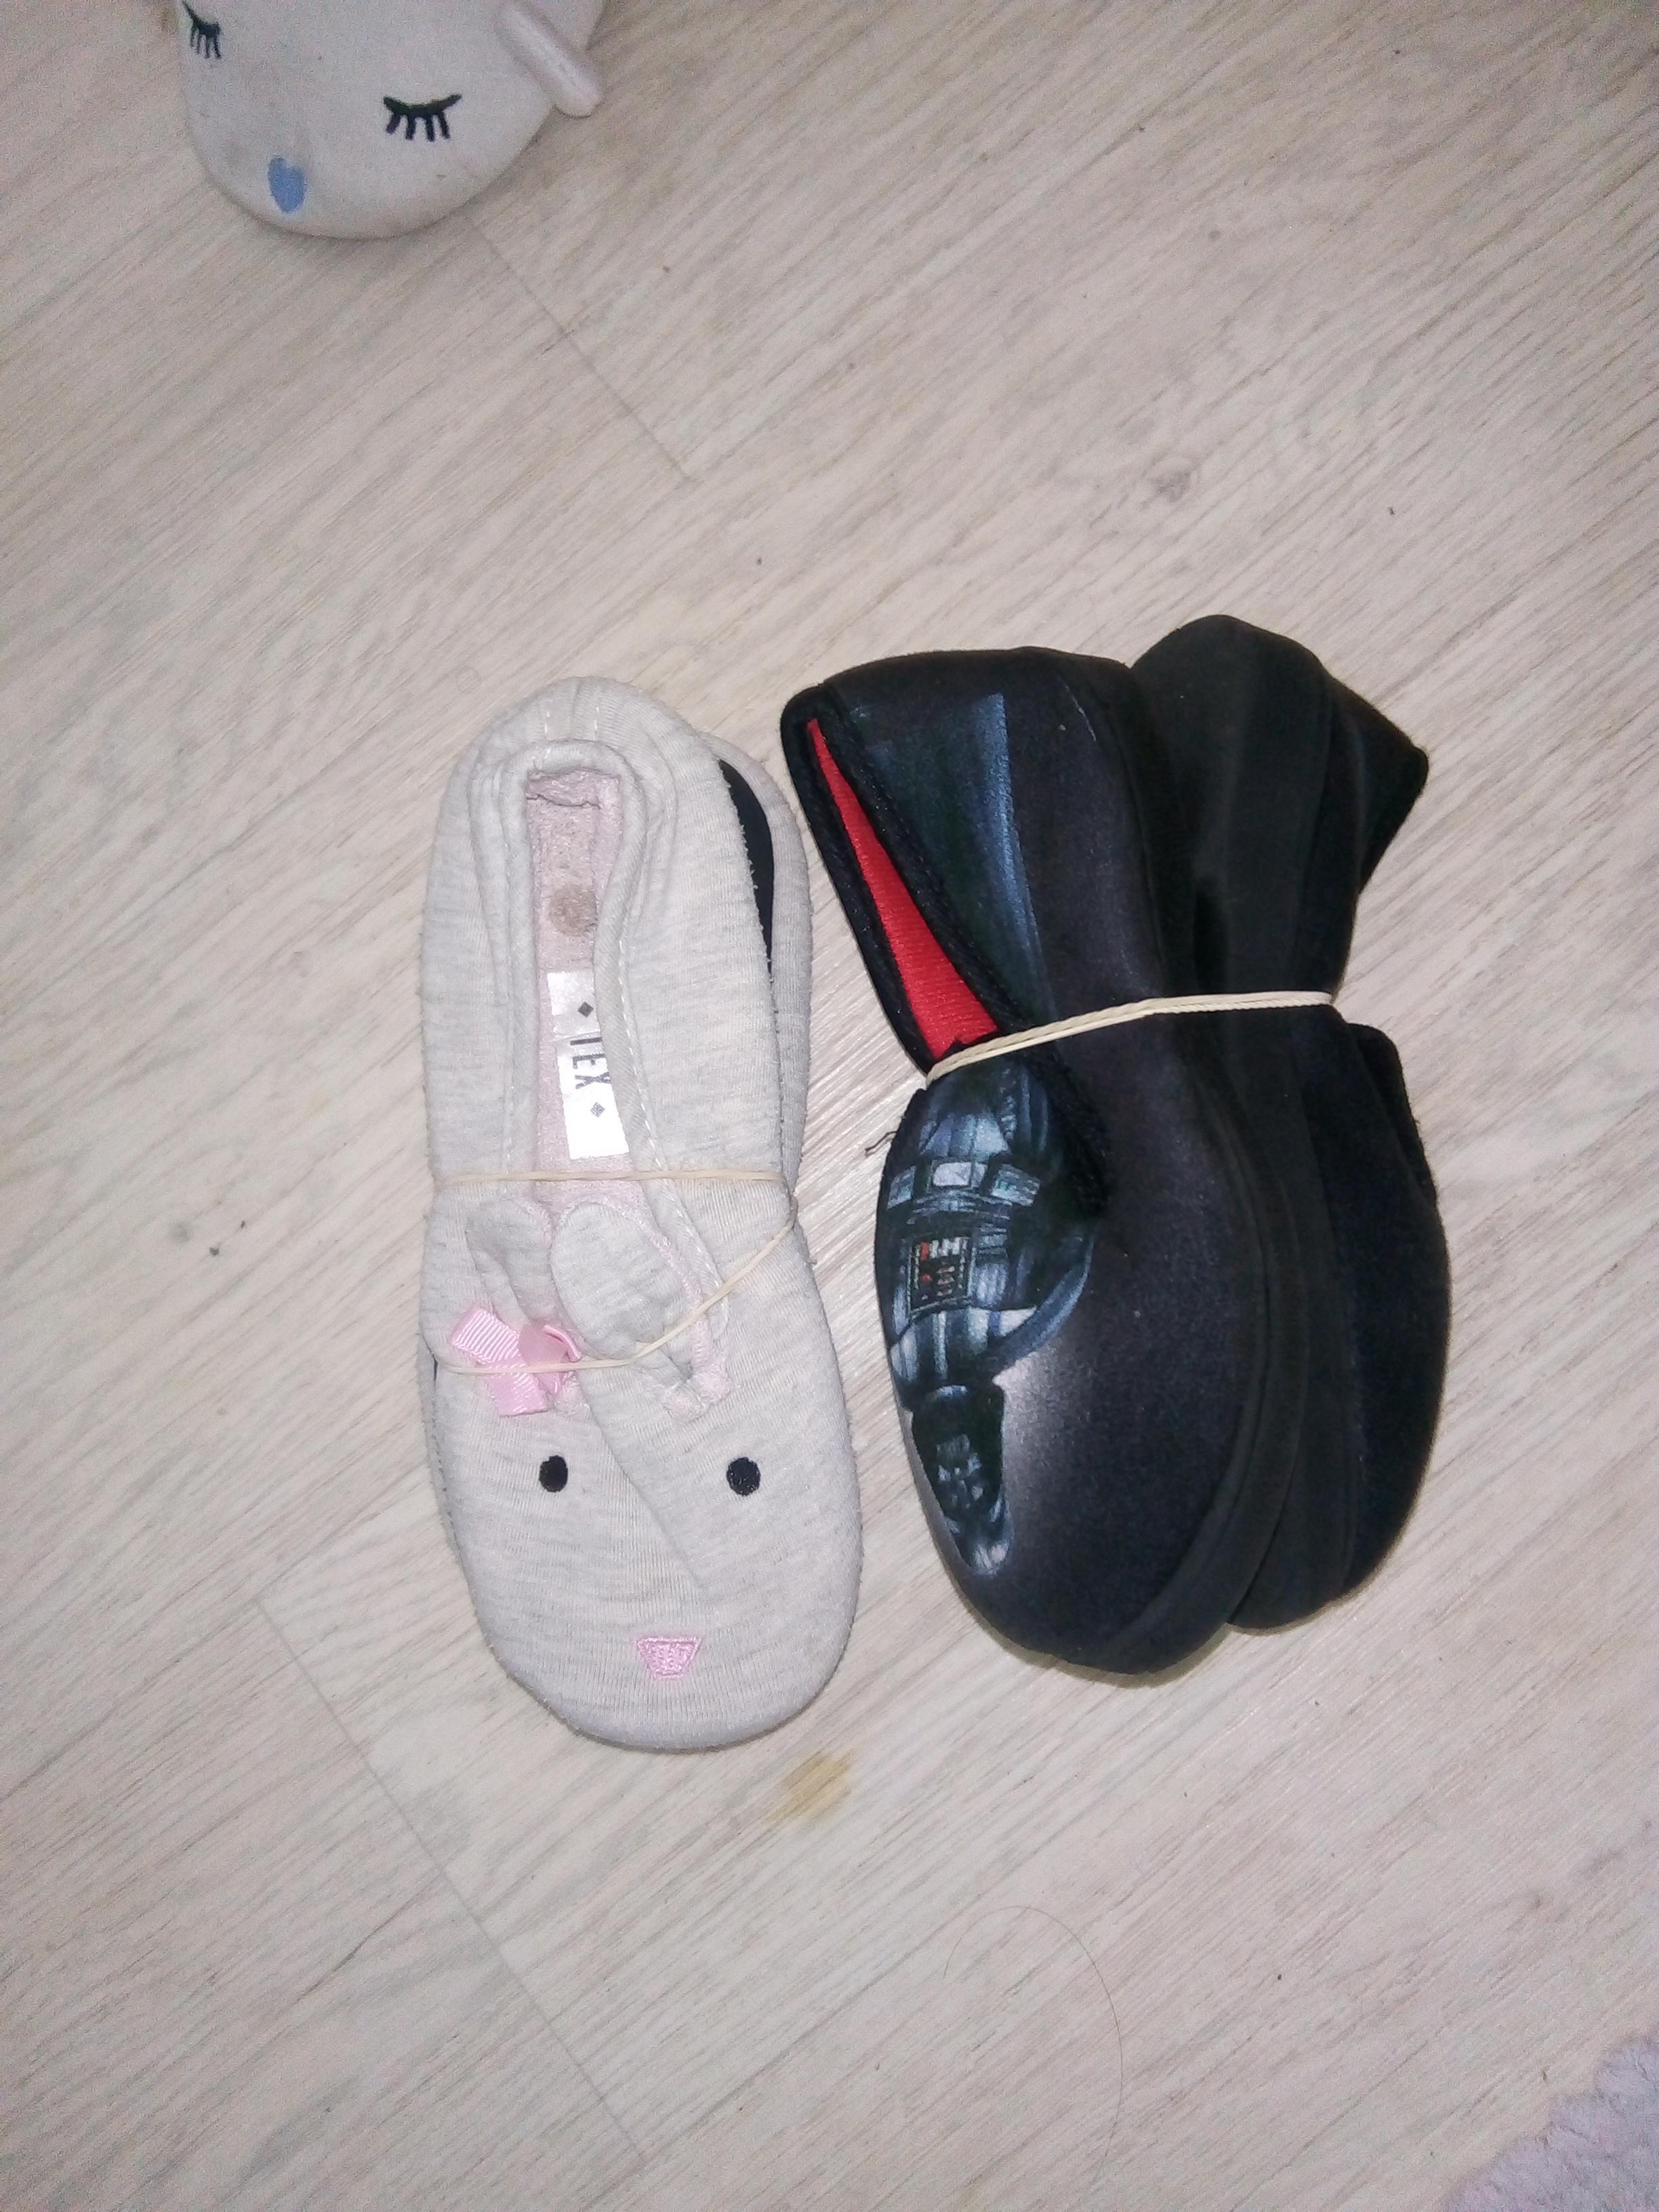 troc de troc chaussons enfant image 0